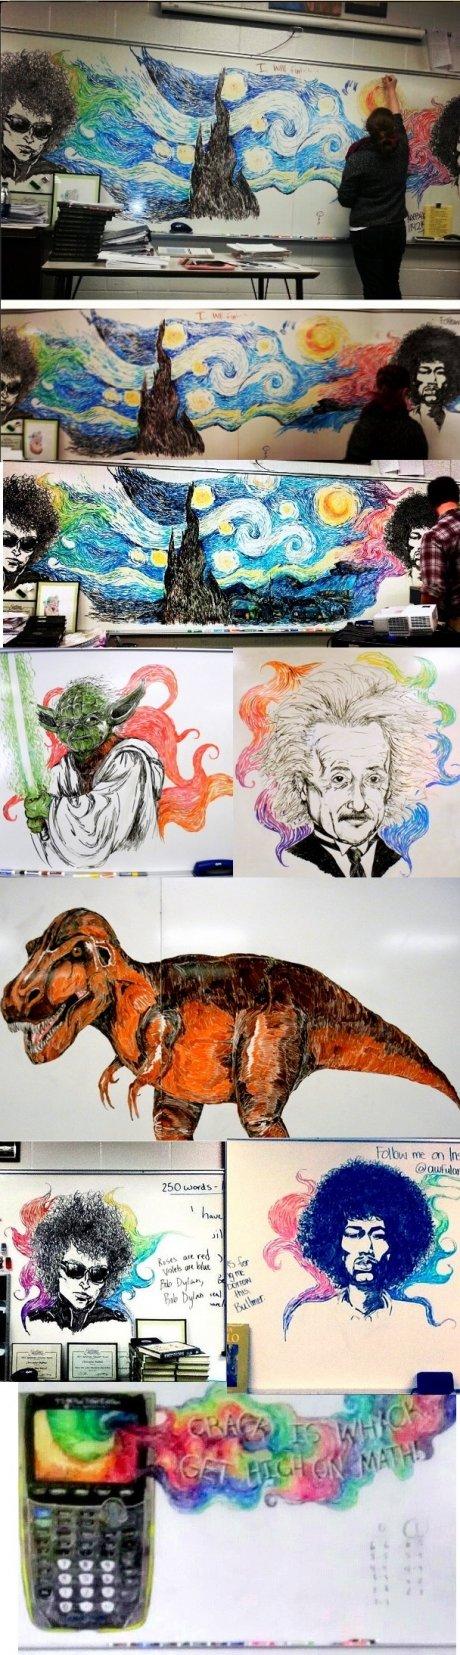 Whiteboard art. .. Read it as Whitebeard art at first. art is art